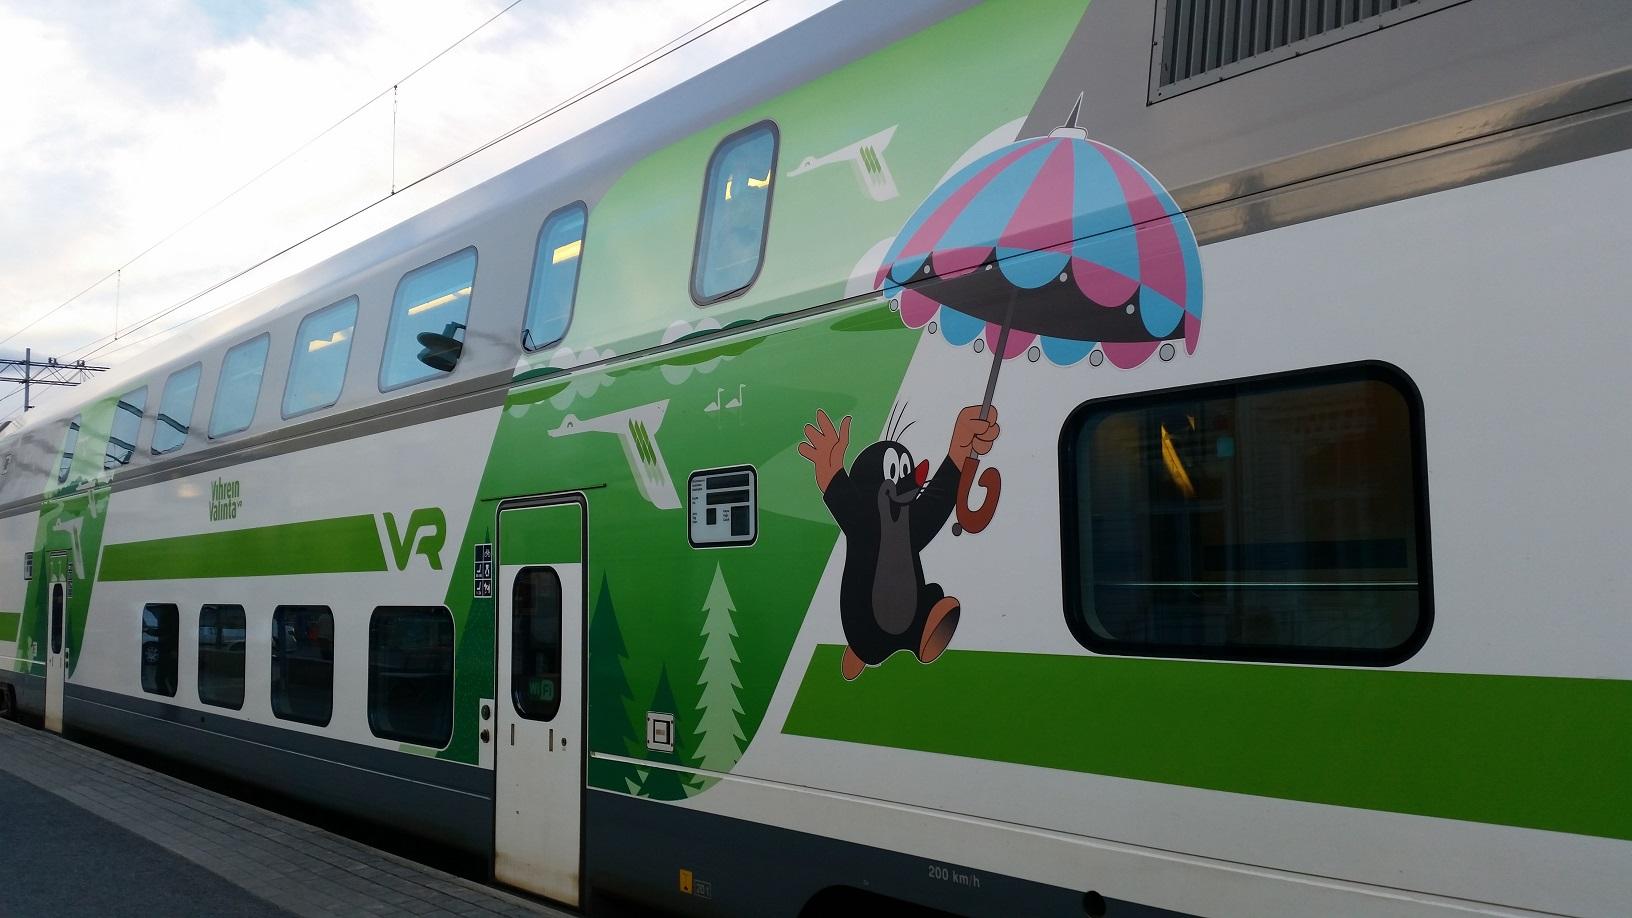 Zug der finnischen Bahn VR